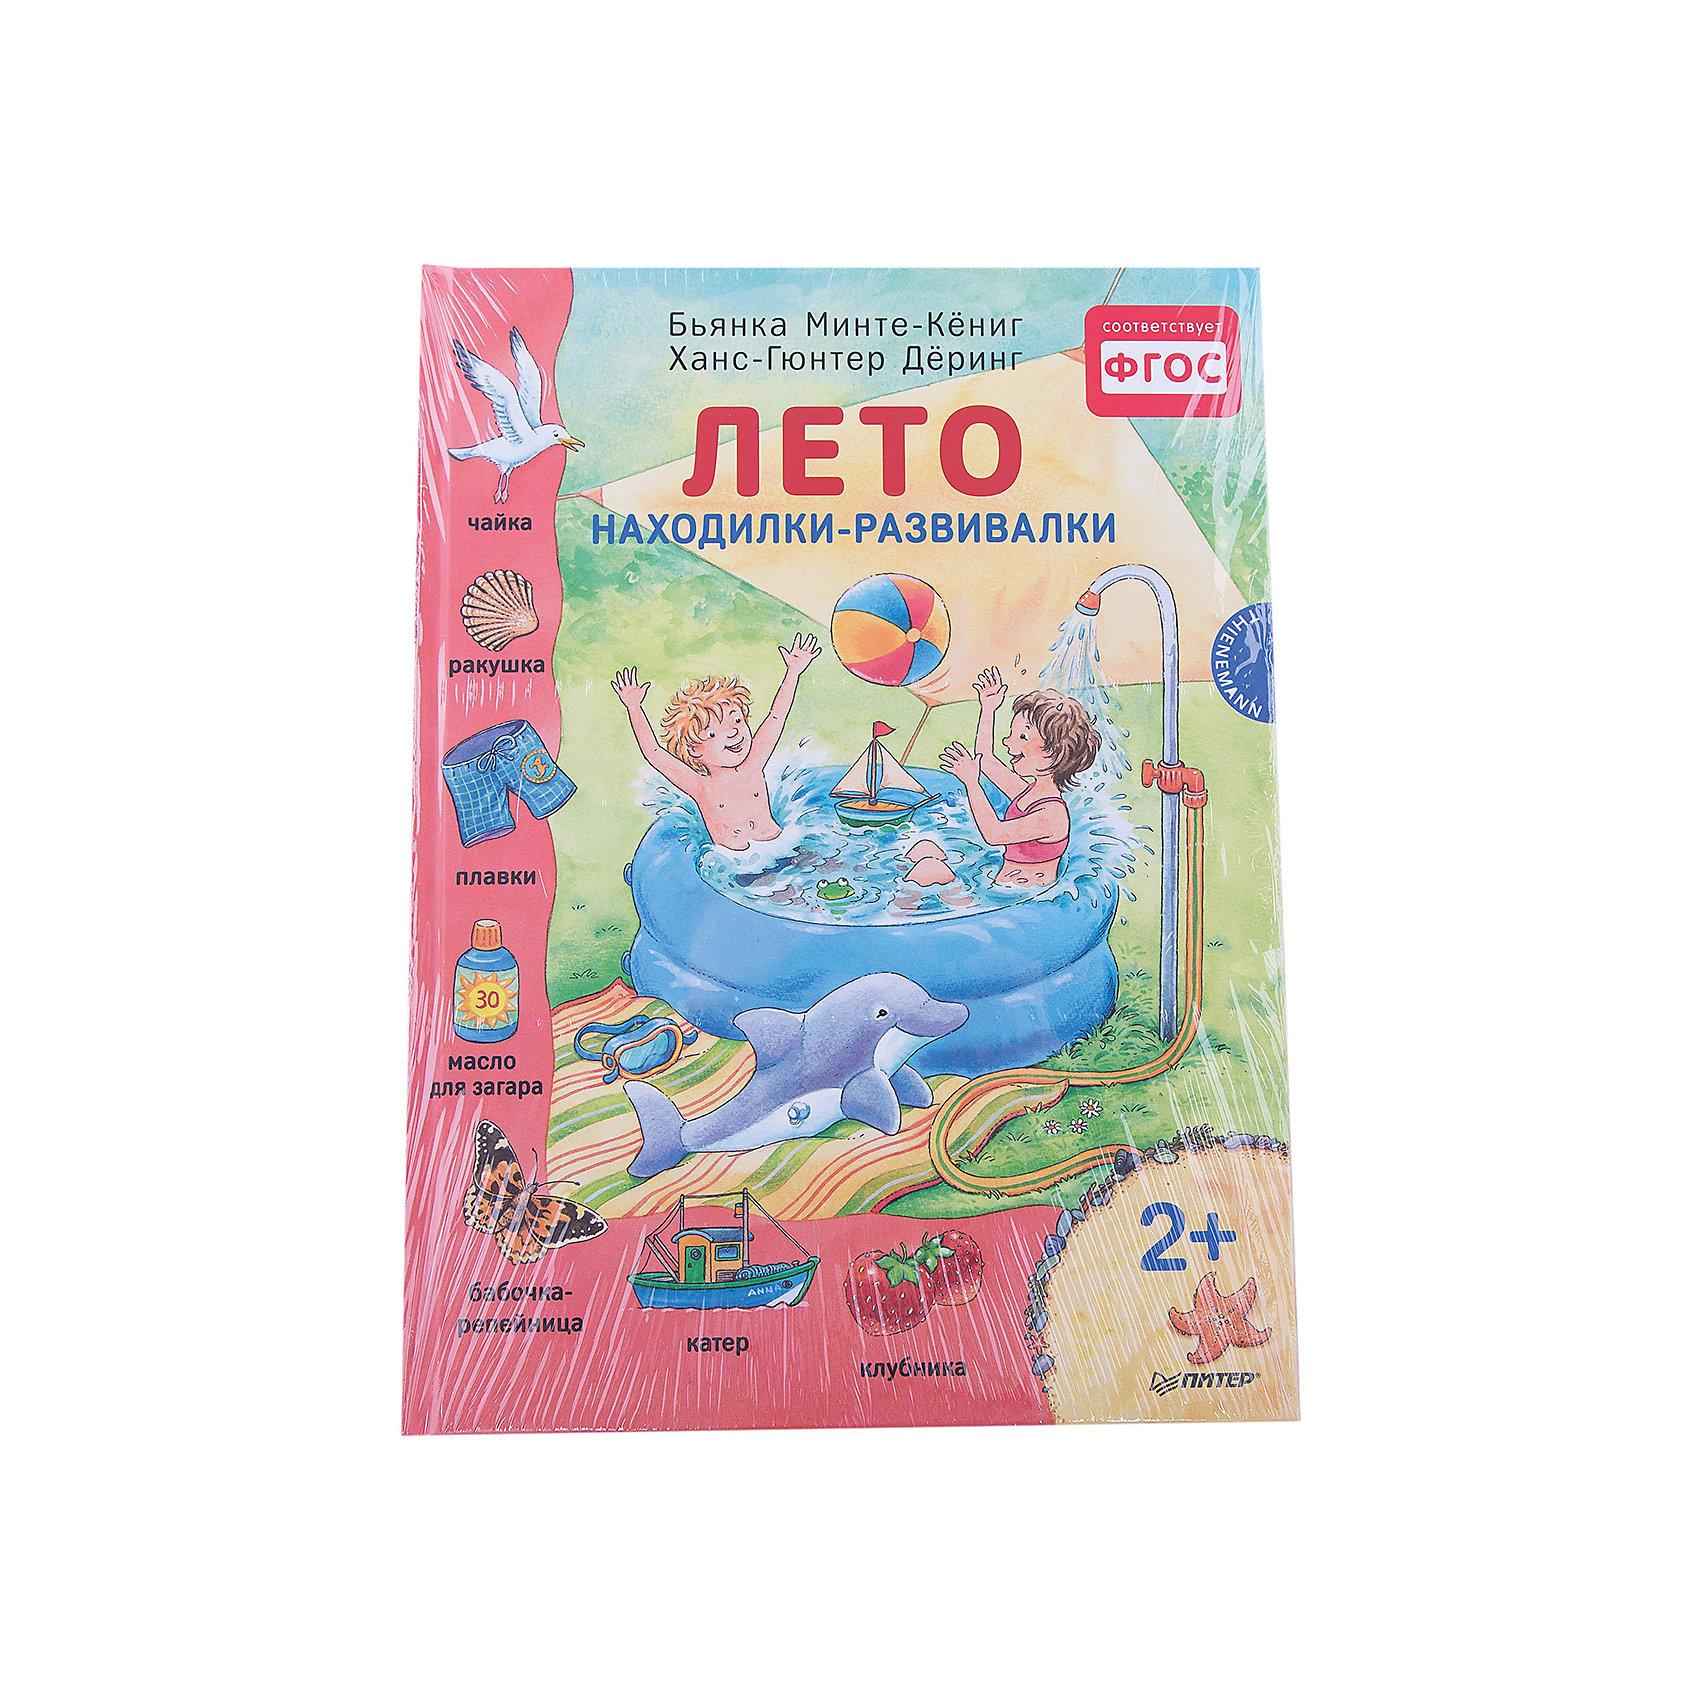 Лето. Находилки-развивалкиКроссворды и головоломки<br>Книги – незаменимый помощник в развитии ребенка с раннего возраста. Новая книга  Лето. Находилки-развивалки  разнообразит семейные вечера и поможет в начальном обучении крохи. Главные герои книги познакомят ребенка с летними праздниками и явлениями. Расскажут, как провести увлекательные эксперименты вместе со своими родителями, как различать цветы, птиц и деревья! Книга развивает любознательность, внимание и любовь к природе. Любимые находилки – развивалки будут отличным спутником на прогулке с малышом. Сборник будет интересен детям в возрасте от 2ух лет.<br><br>Дополнительная информация:<br><br>страниц: 24;<br>возраст: 2+;<br>формат:  220 х 290 мм.<br><br>Книгу  Лето. Находилки-развивалки  можно купить в нашем магазине.<br><br>Ширина мм: 298<br>Глубина мм: 221<br>Высота мм: 4<br>Вес г: 310<br>Возраст от месяцев: -2147483648<br>Возраст до месяцев: 2147483647<br>Пол: Унисекс<br>Возраст: Детский<br>SKU: 4966244